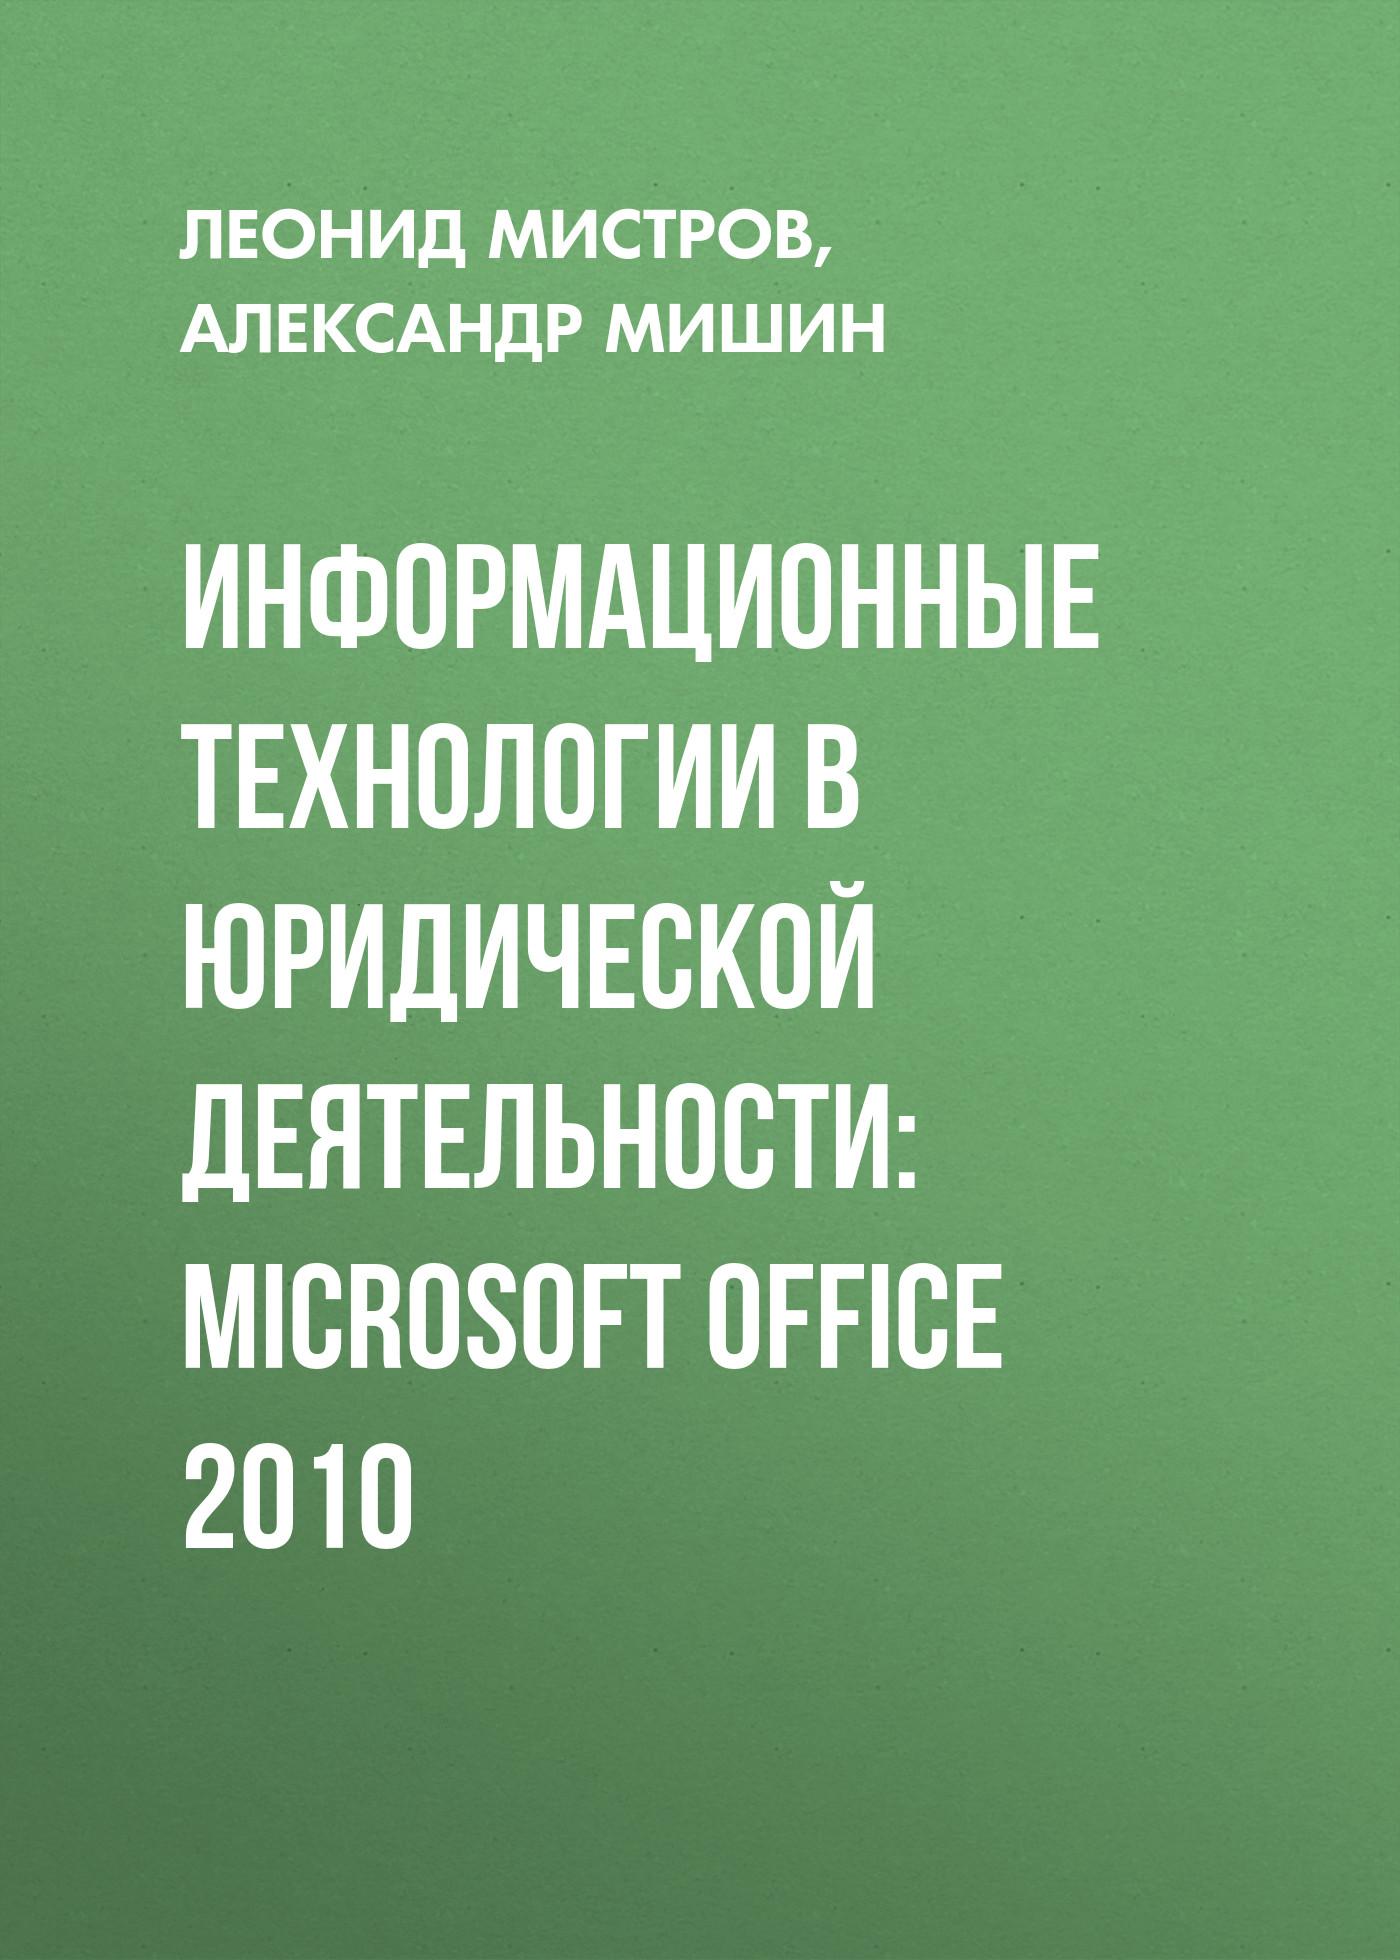 Леонид Мистров Информационные технологии в юридической деятельности: Microsoft Office 2010 коробочная версия microsoft office 365 персональный [qq2 00595]